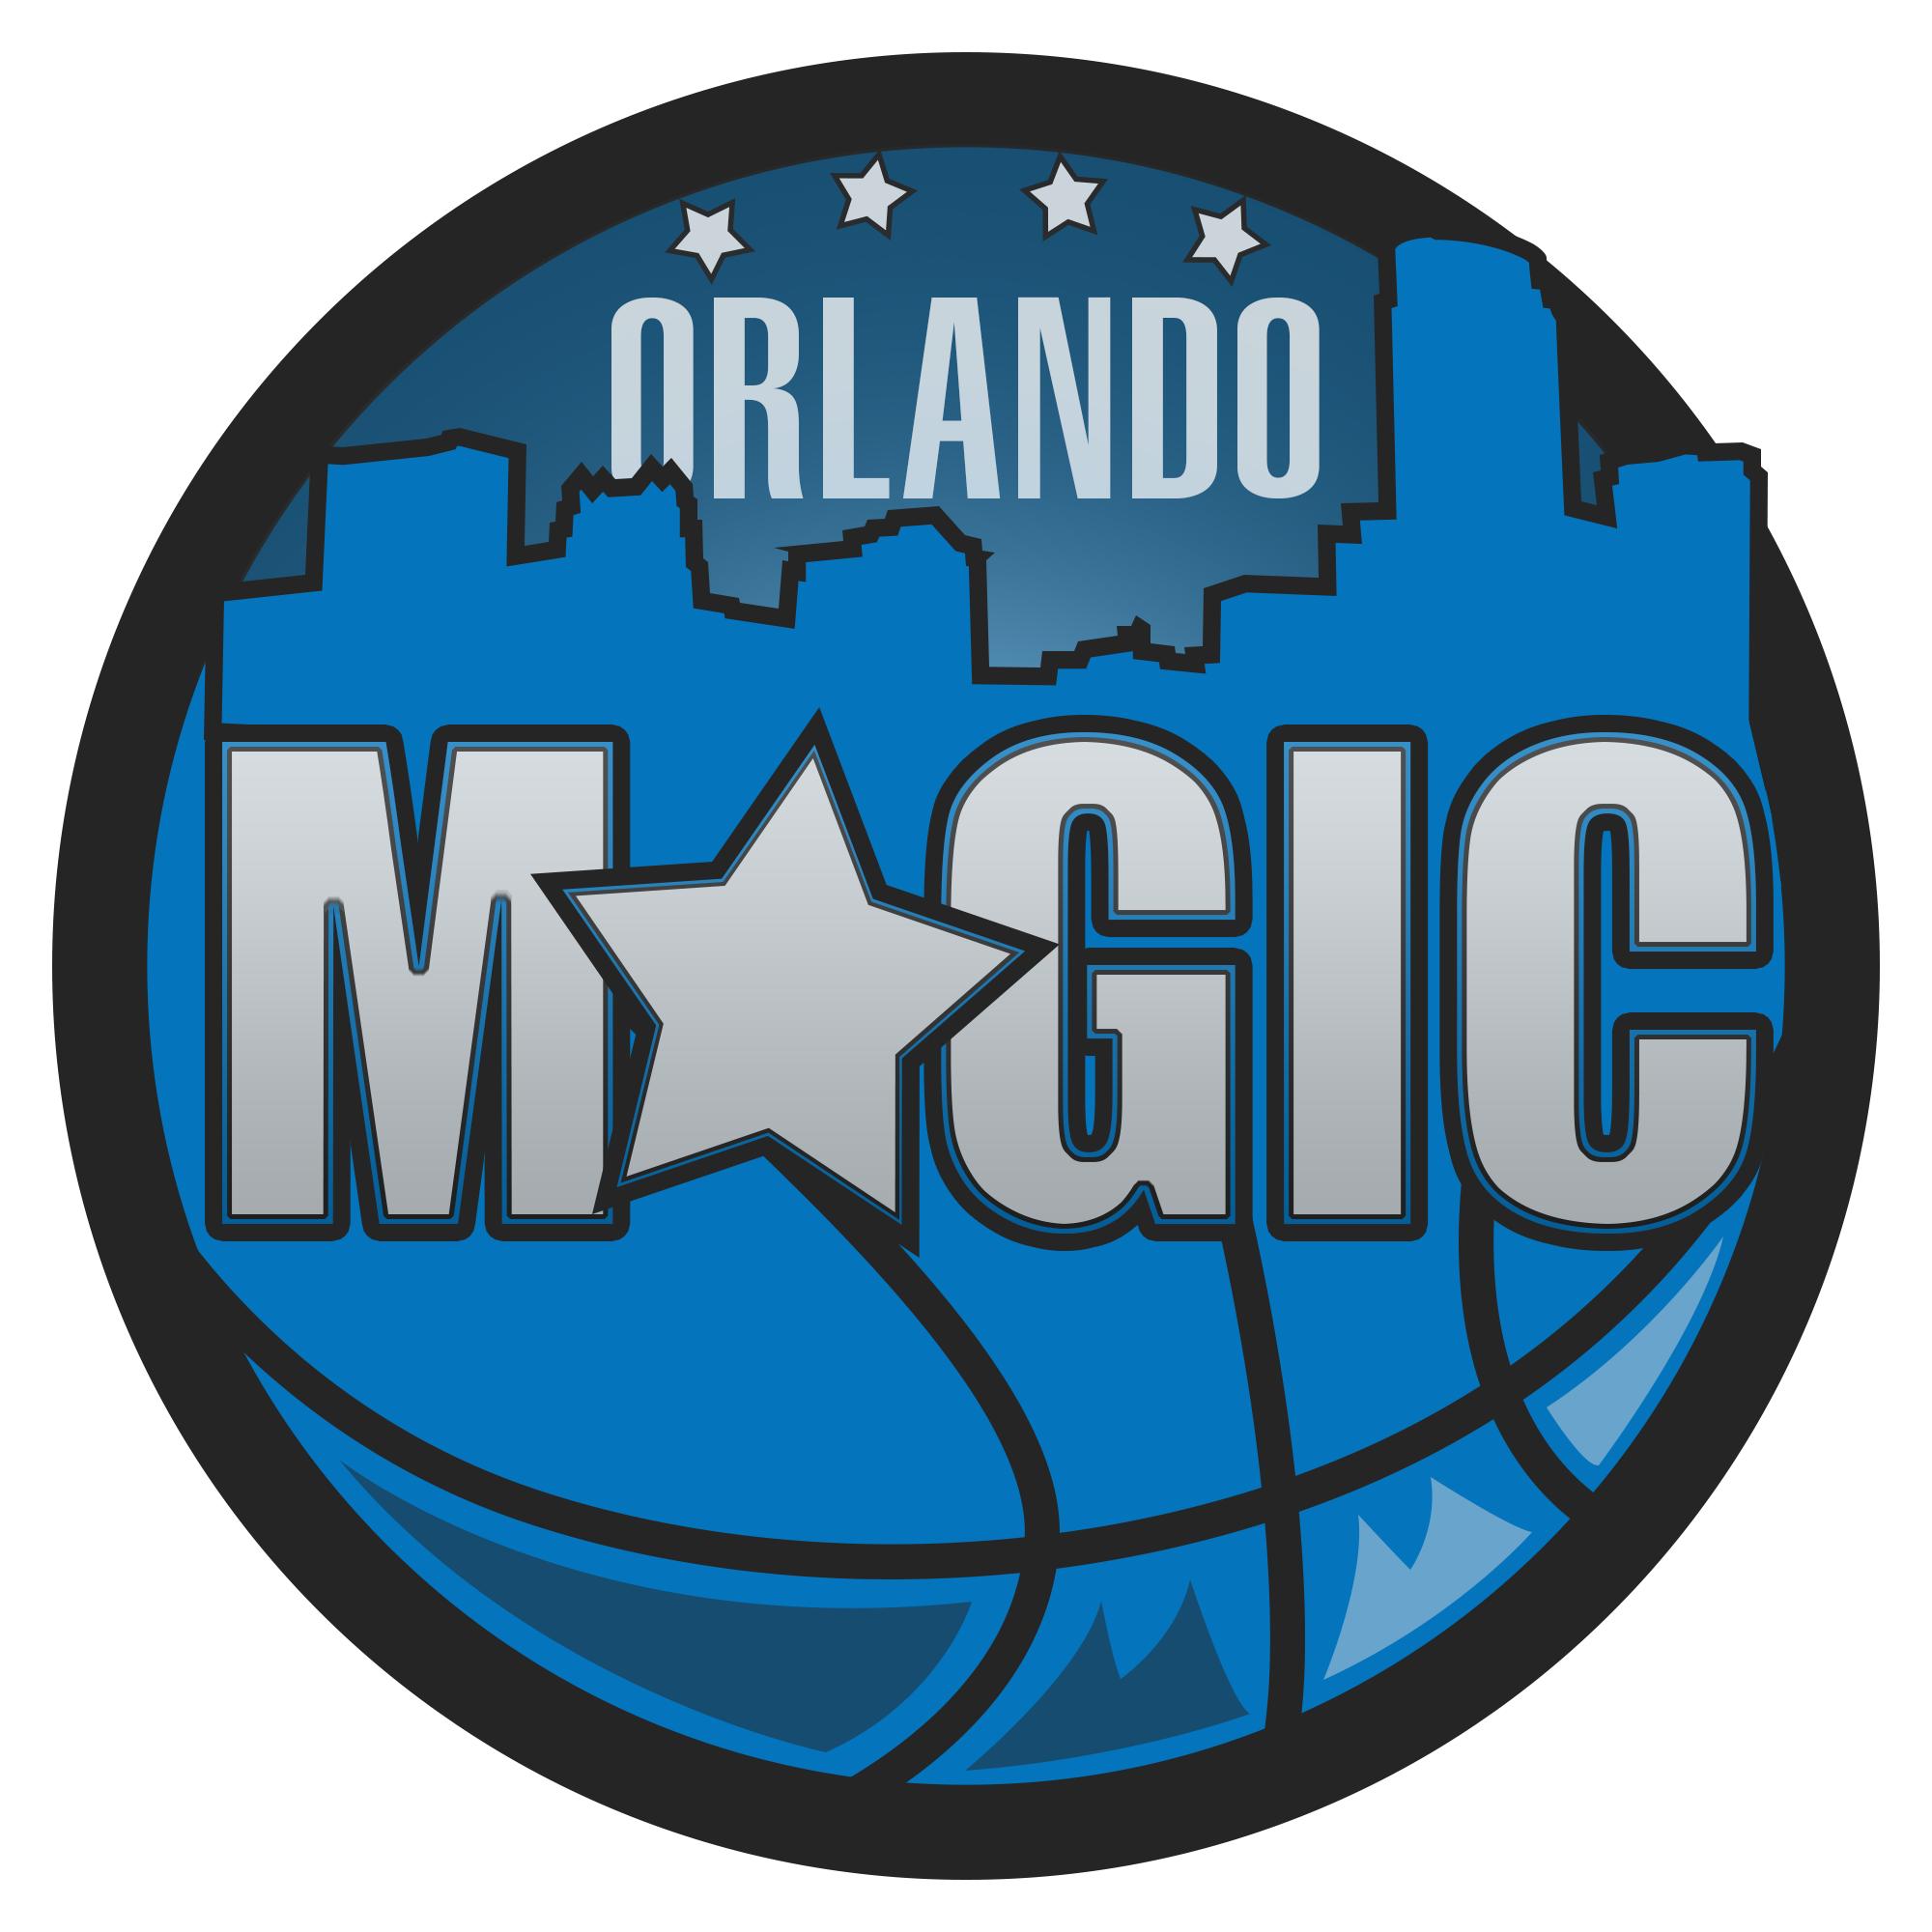 Orlando magic logo history